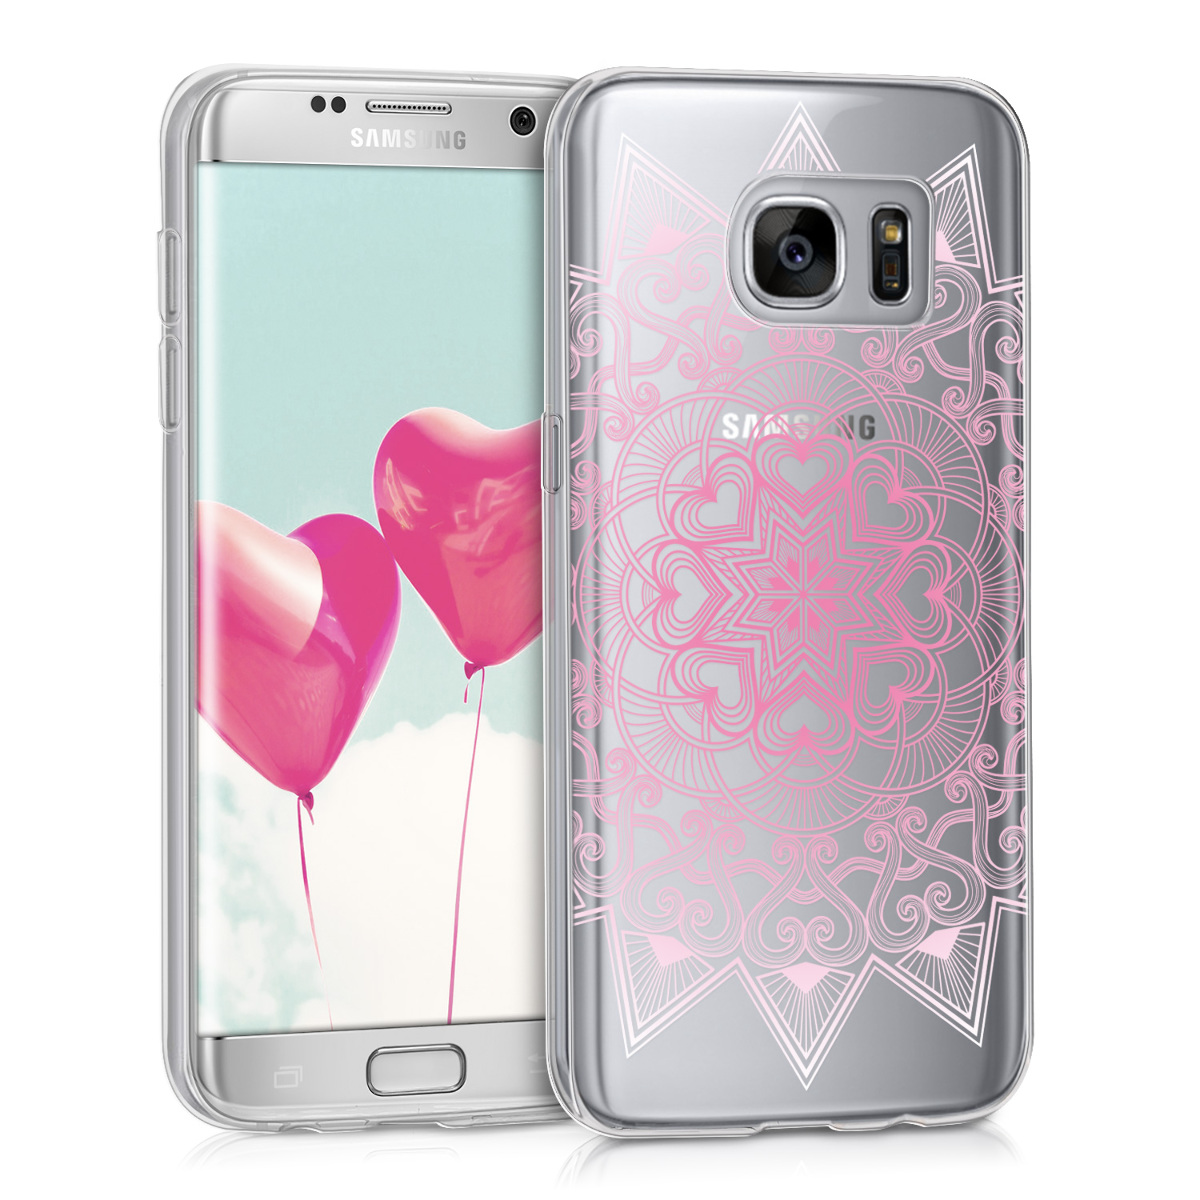 Kvalitní silikonové TPU pouzdro pro Samsung S7 Edge - Heart Pattern růžové / bílé / transparentní